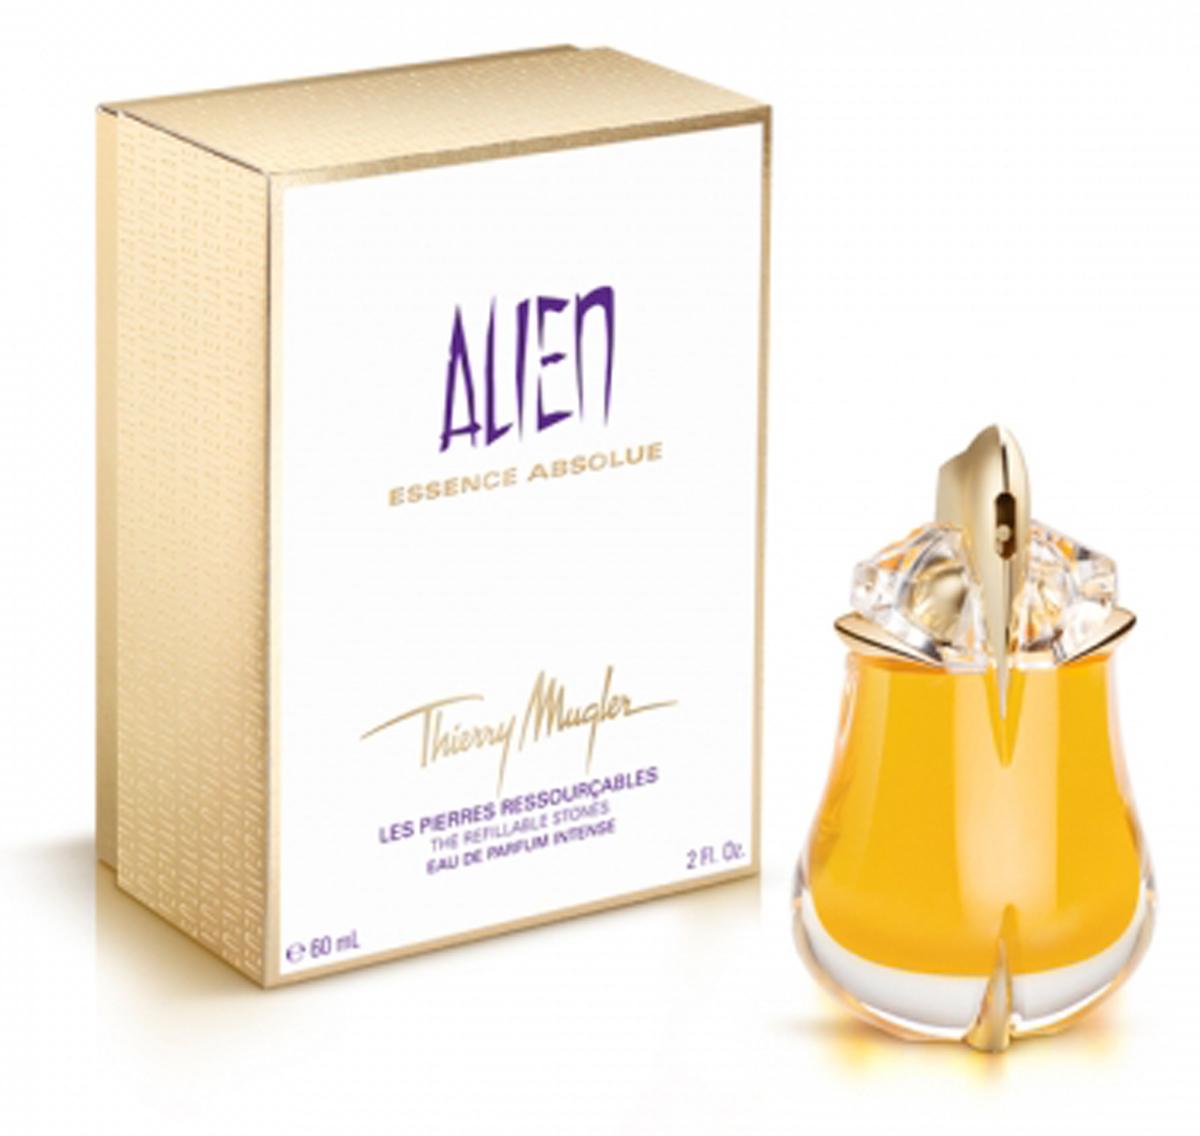 Thierry Mugler Парфюмированная вода Alien Essence Absolue, женская, 60 млNMS-620H-EUАроматические, цветочные. Кашемировое дерево, амбра, ваниль, мирт, фимиам, жасмин.